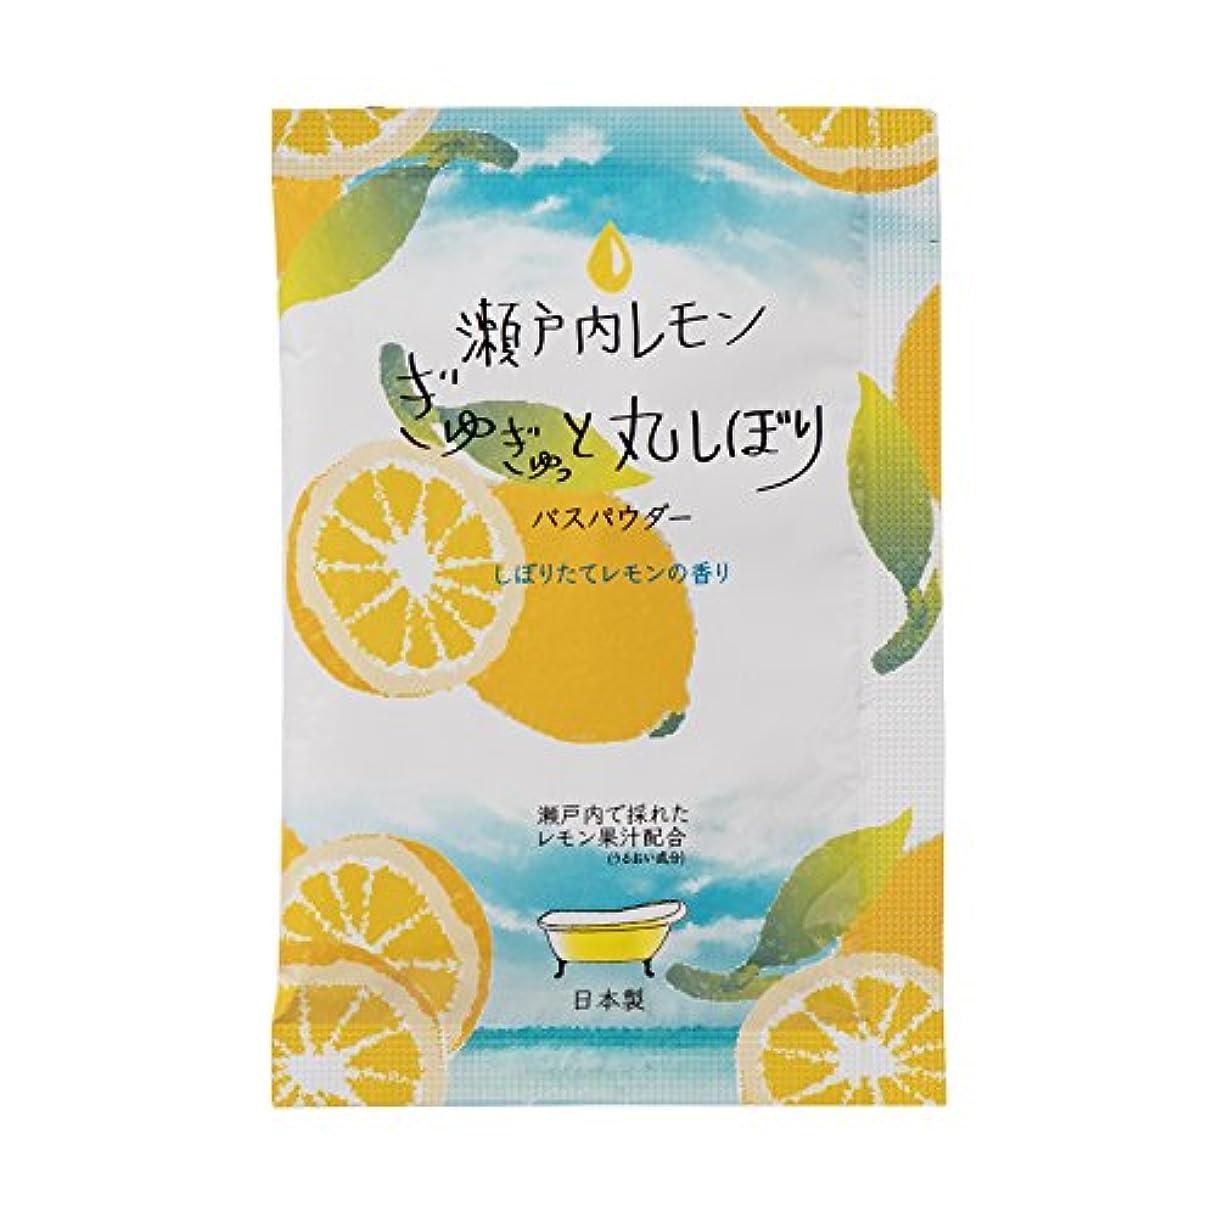 上がるくしゃみ却下するリッチバスパウダー(瀬戸内レモンの香り)× 40個